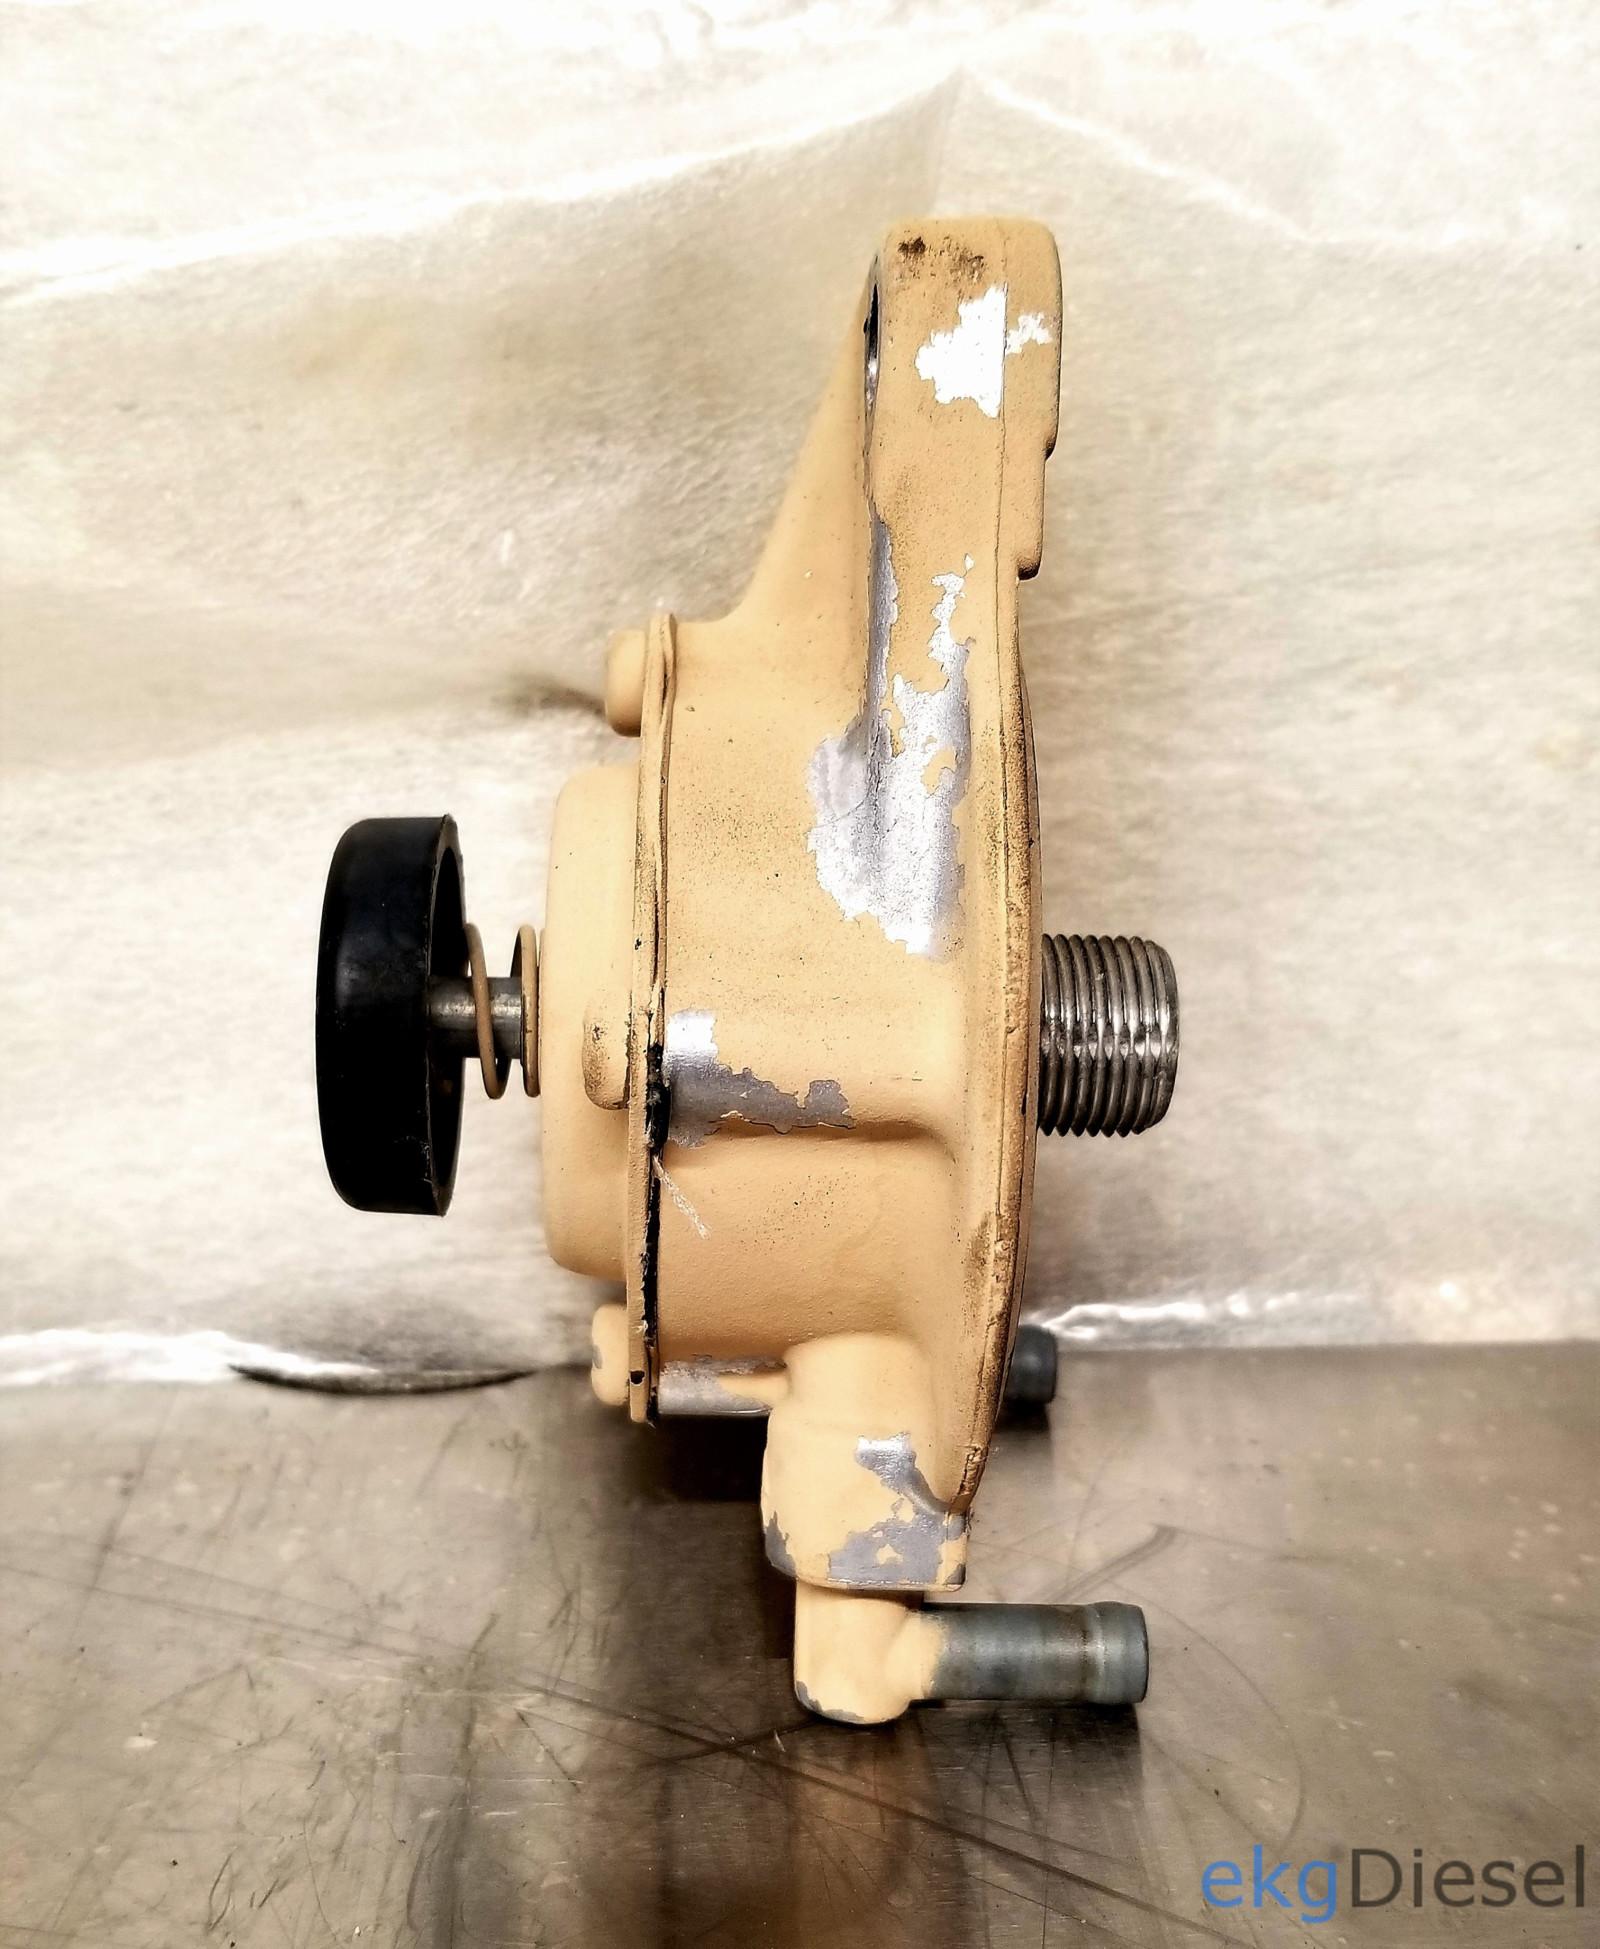 Kubota V3300 Fuel Filter Base Primer Pump Ekg Diesel Filters